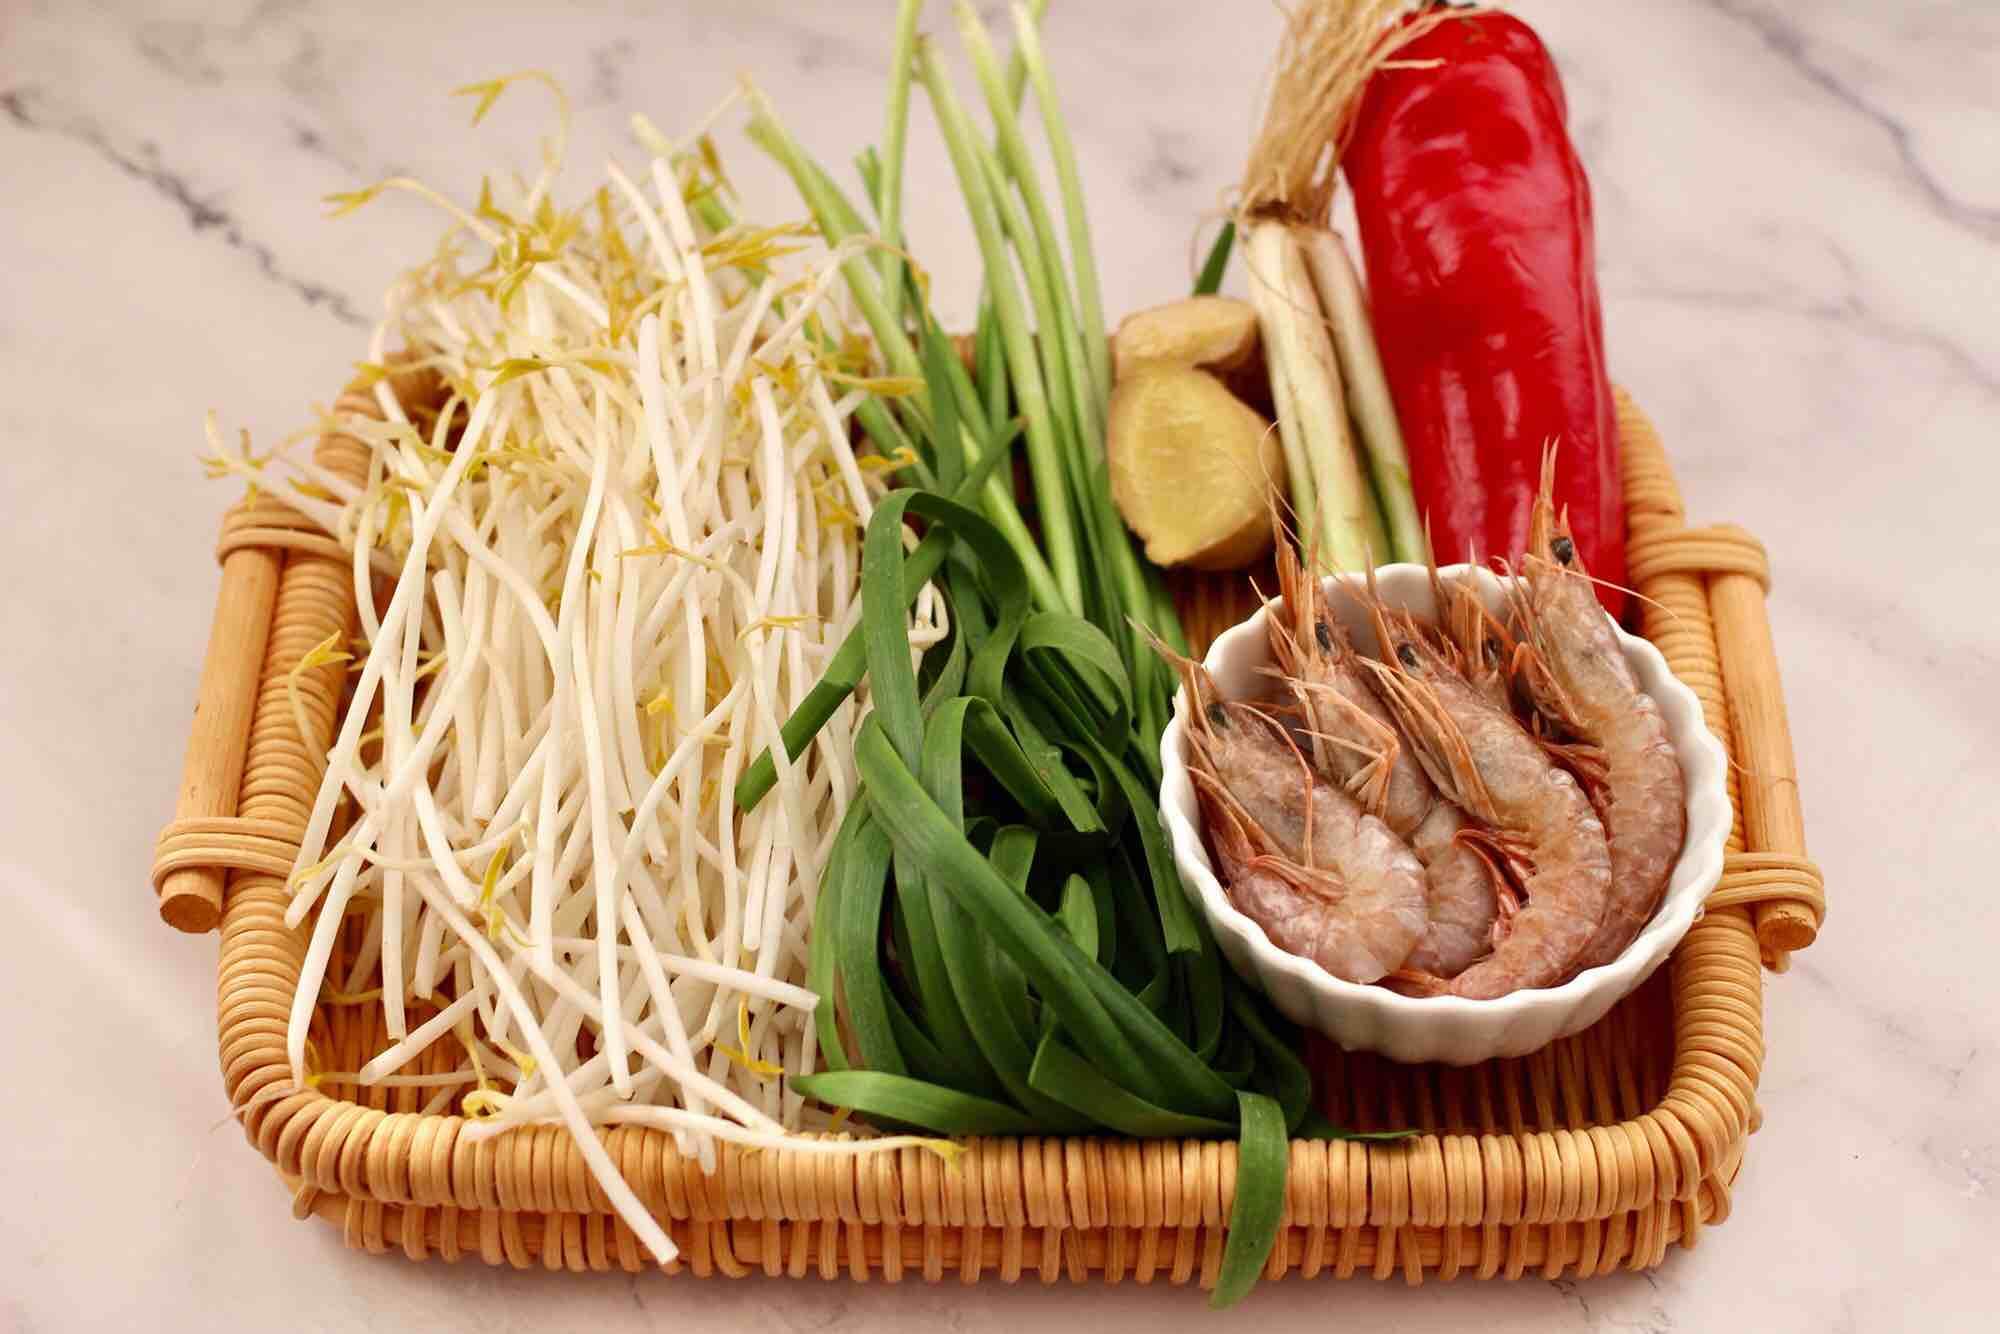 绿豆芽炒红虾的做法大全